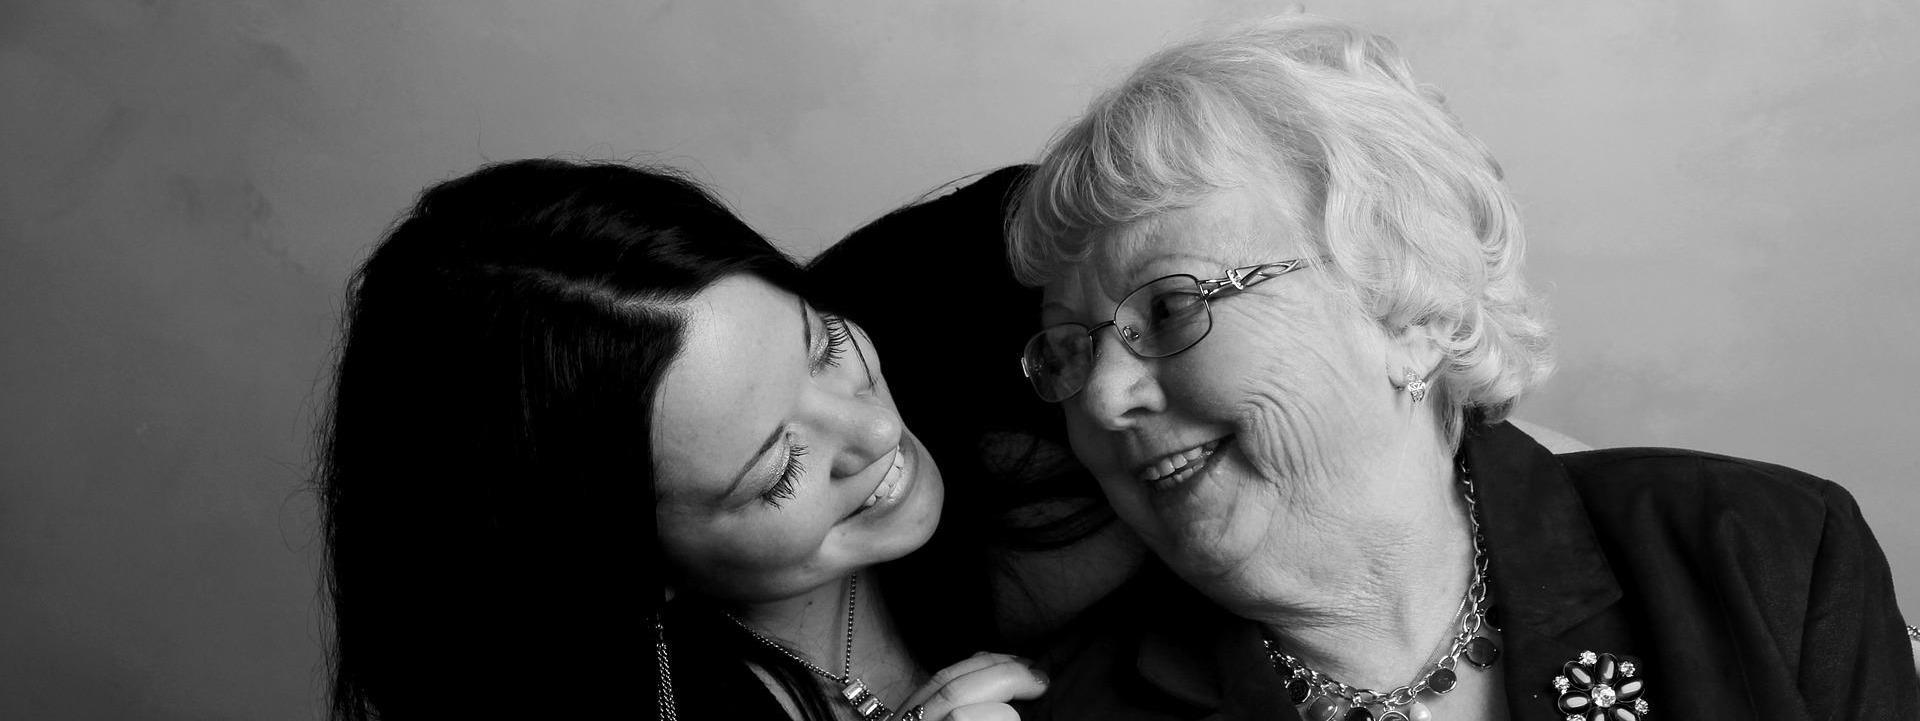 Regalos personalizados para las abuelas en el Día de la Madre